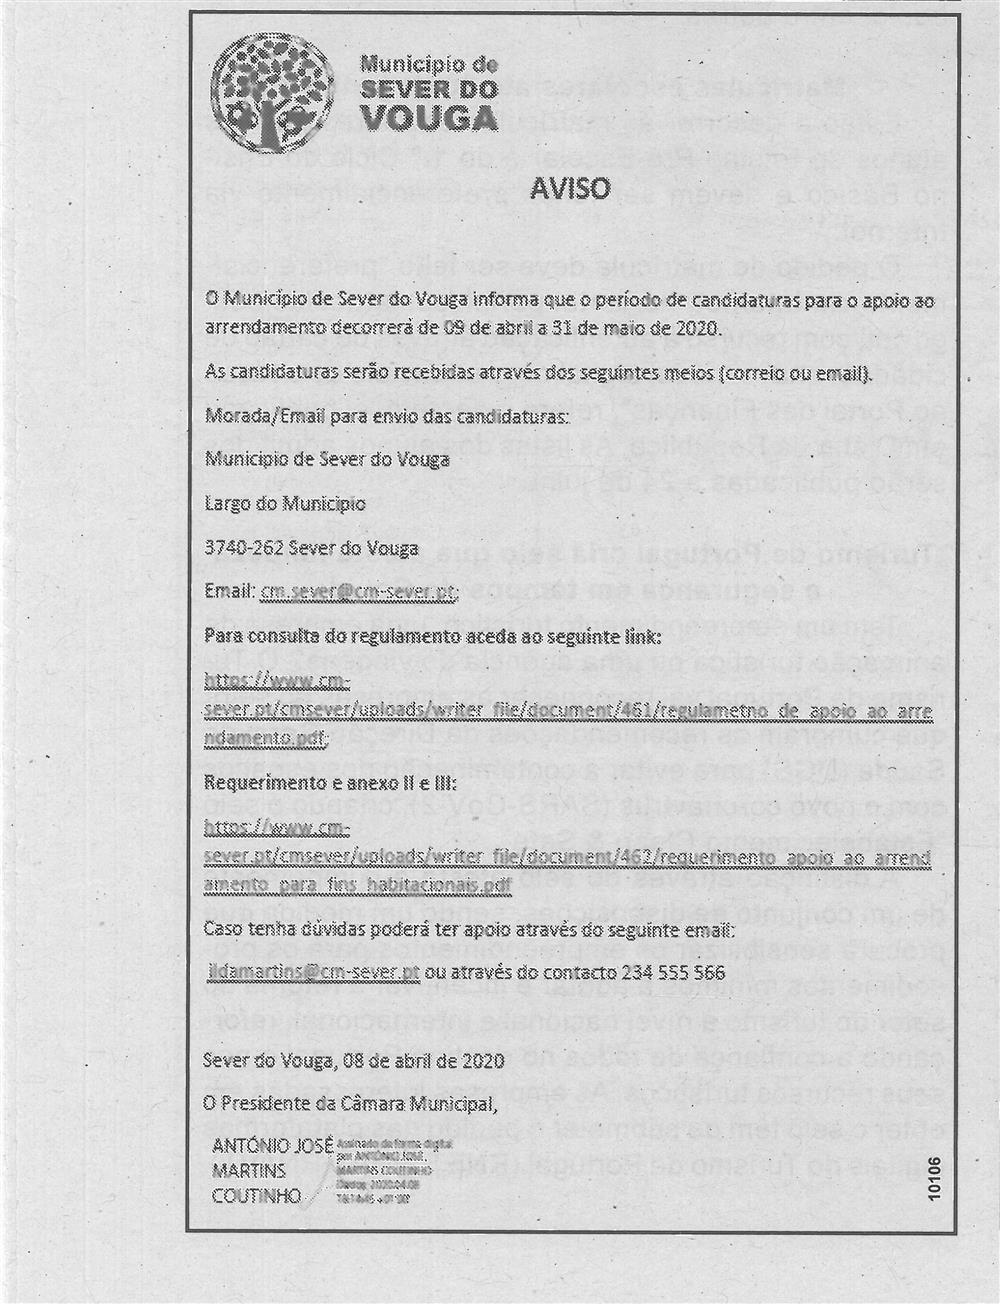 BV-1.ªmaio'20-p.6-Município de Sever do Vouga : Aviso : o Município de Sever do Vouga informa que o período de candidaturas para o apoio ao arrendamento decorrerá de 9 de abril a 31 de maio de 2020.jpg